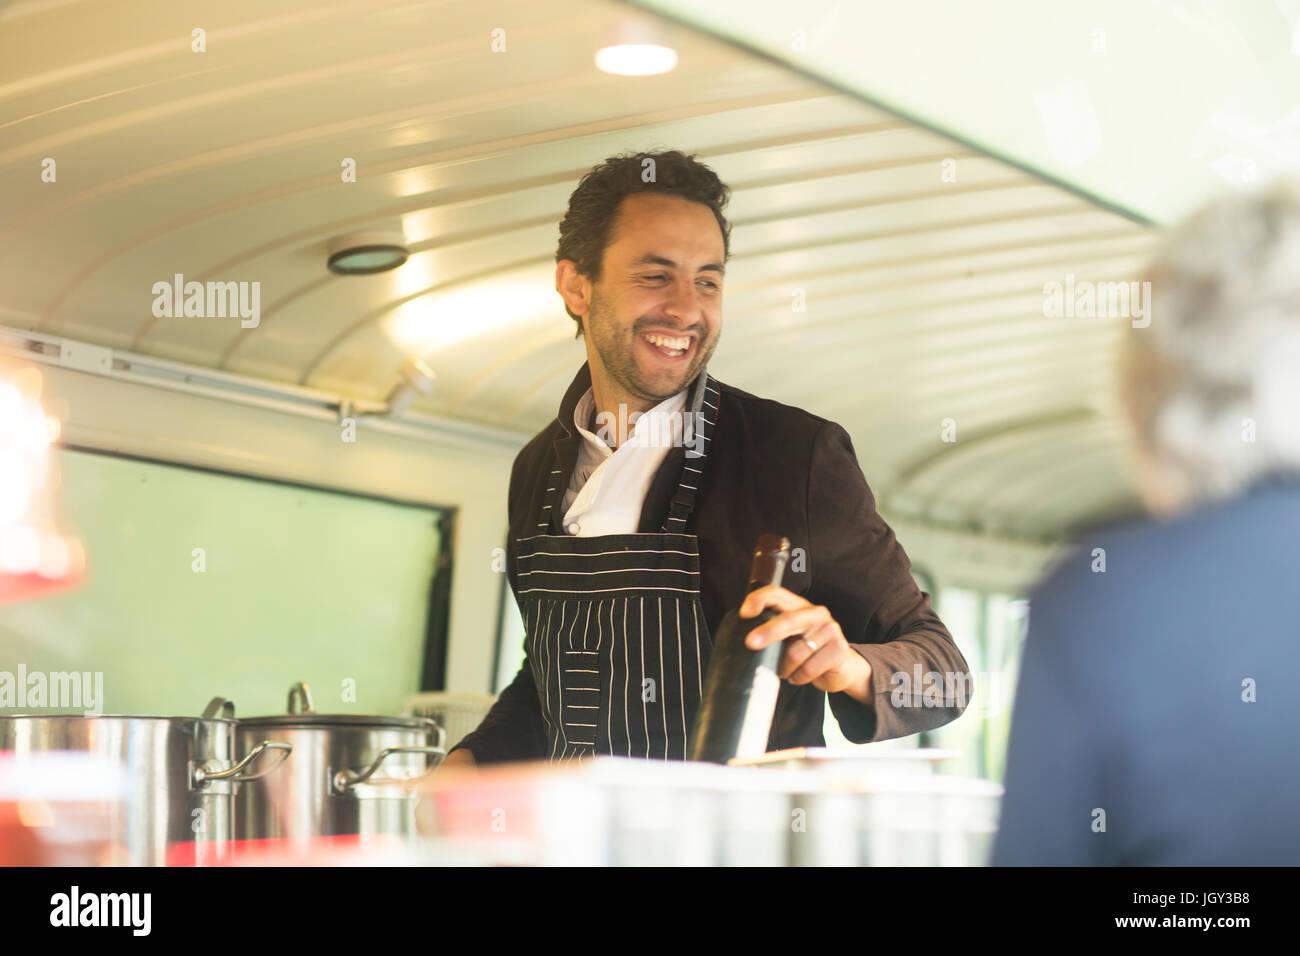 Kleine Unternehmen Eigentümer servieren Kunden in van Essen Stall hatch Stockbild